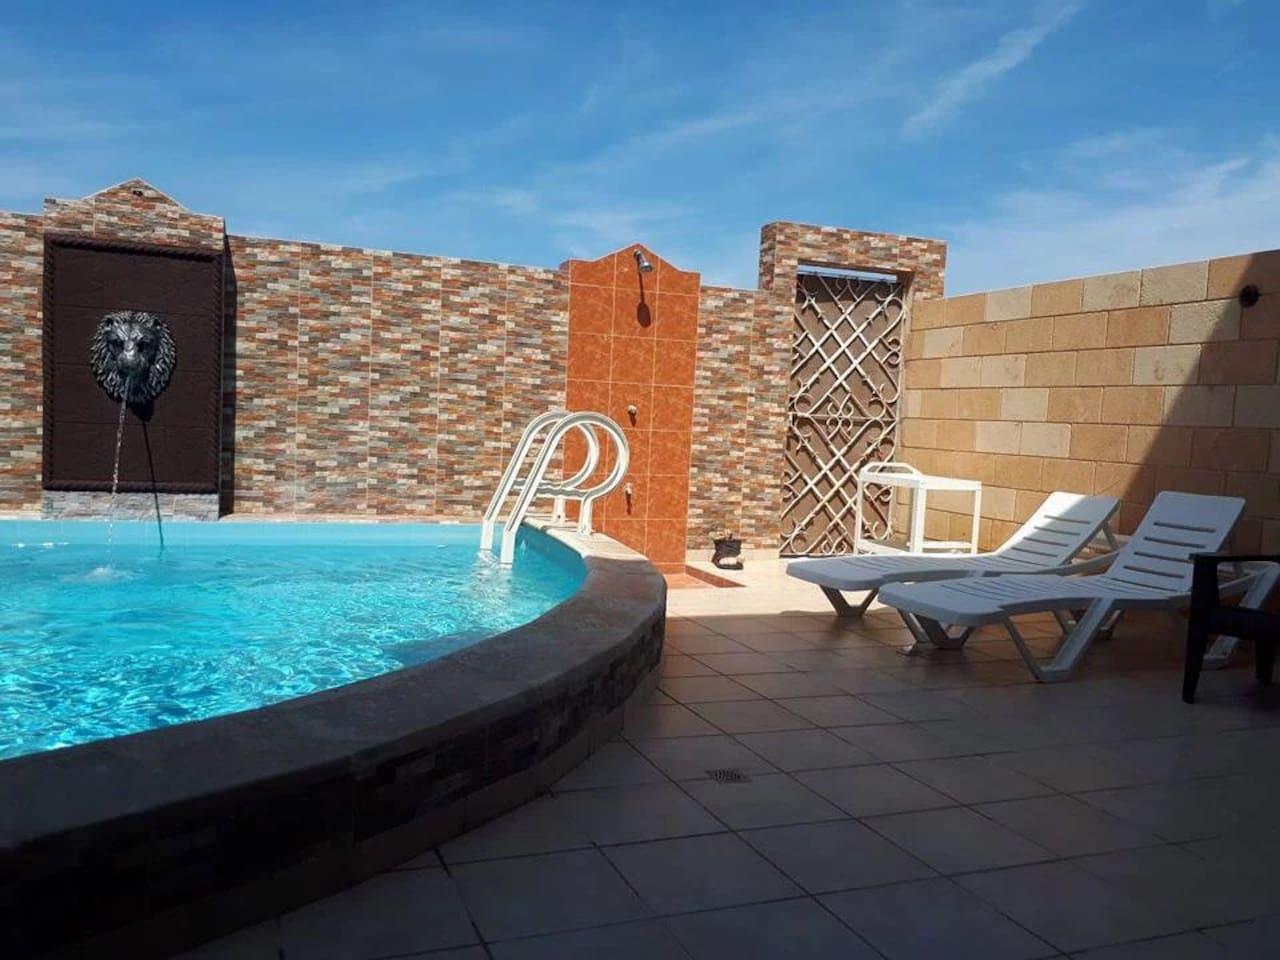 Casa Oceanview 3 - Luxury & Amazing View photo 23408865